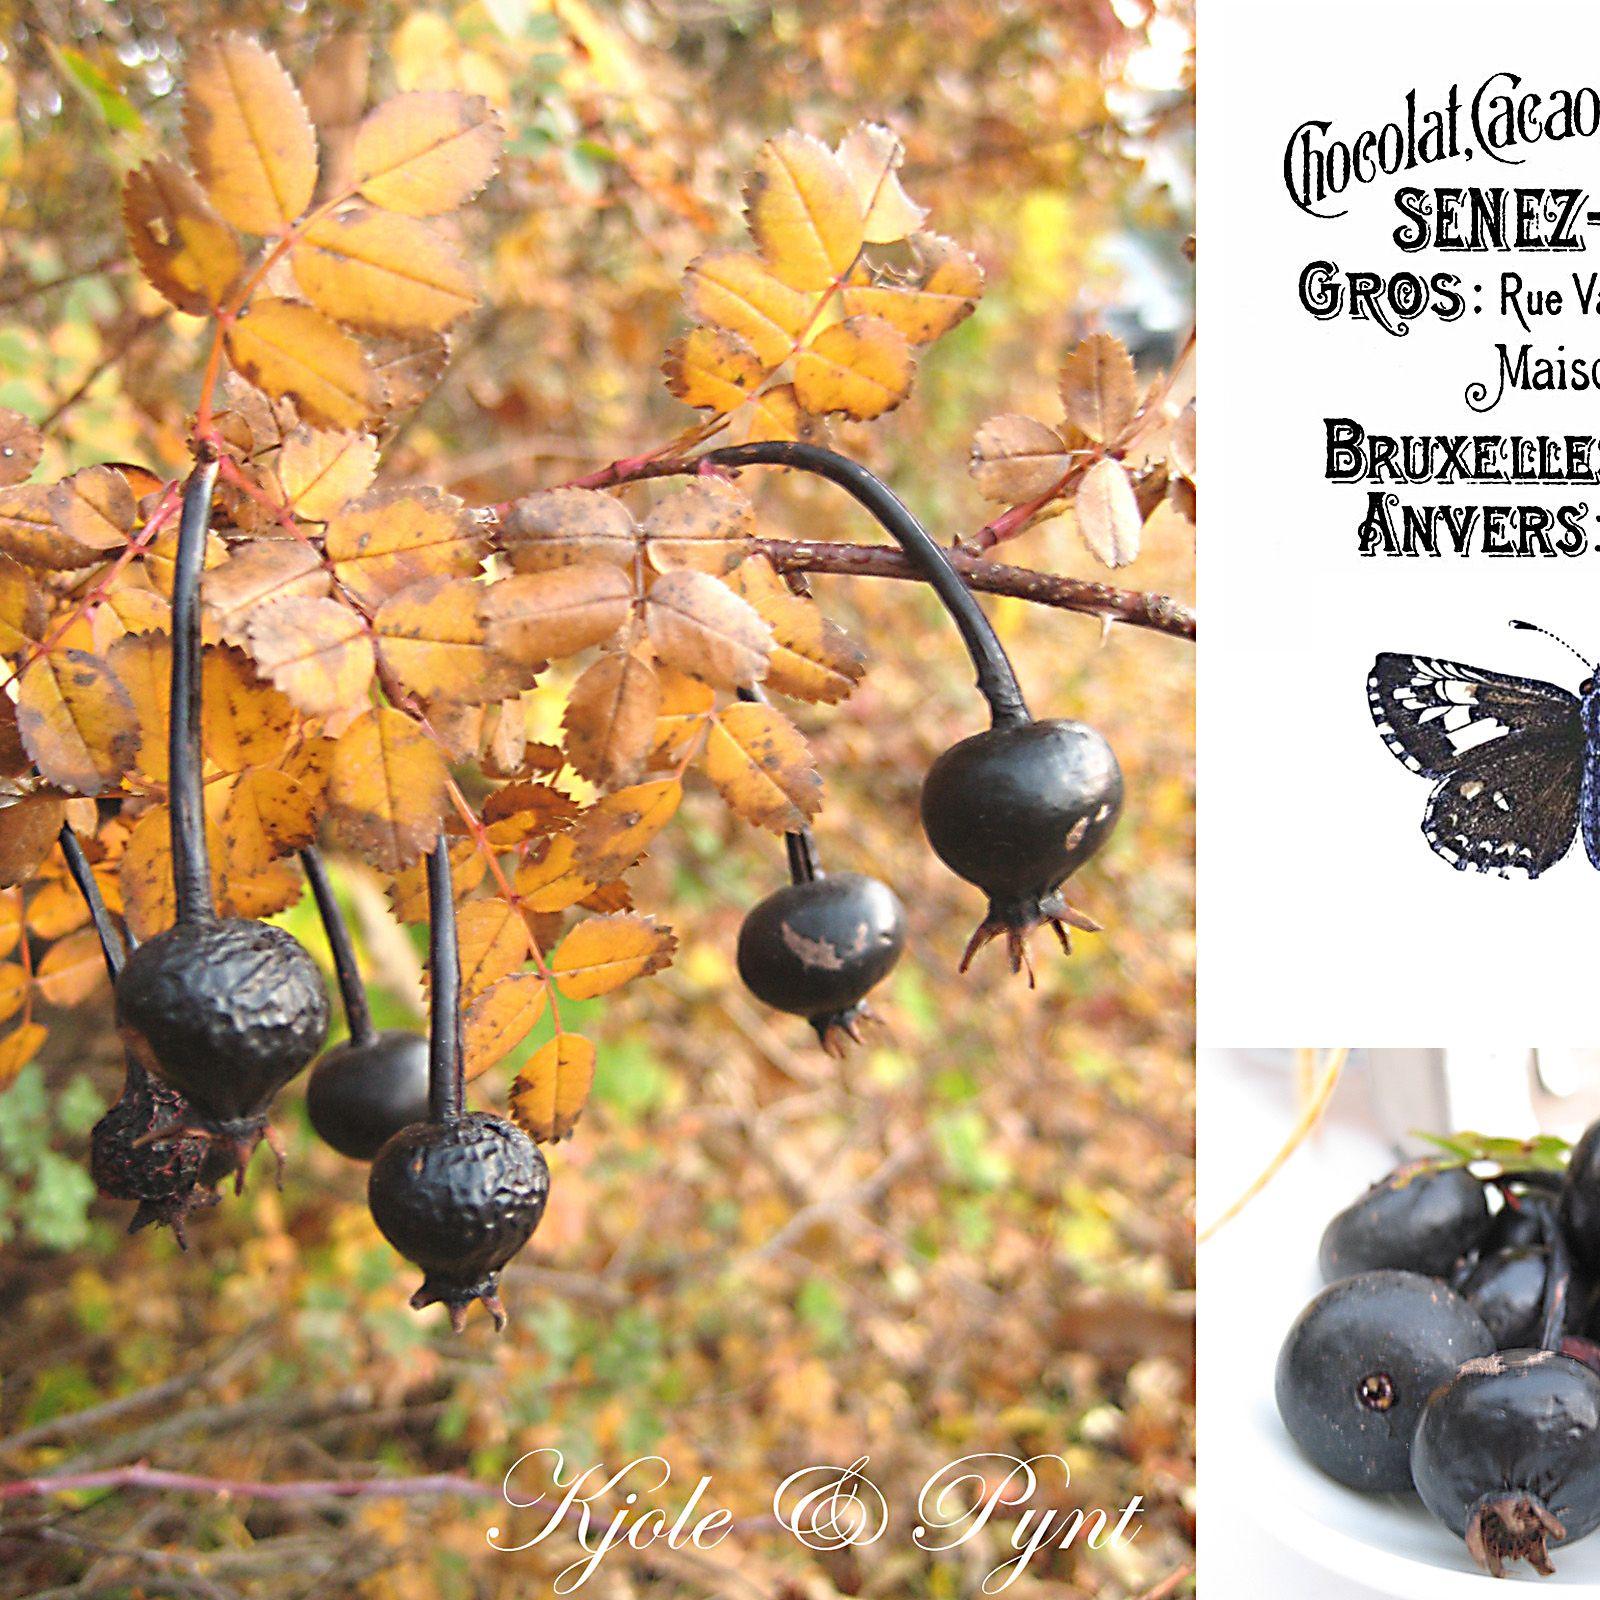 Ich finde den Kontrast sehr schön : zartes gelbes Herbstlaub und schwarze Hagebutten.